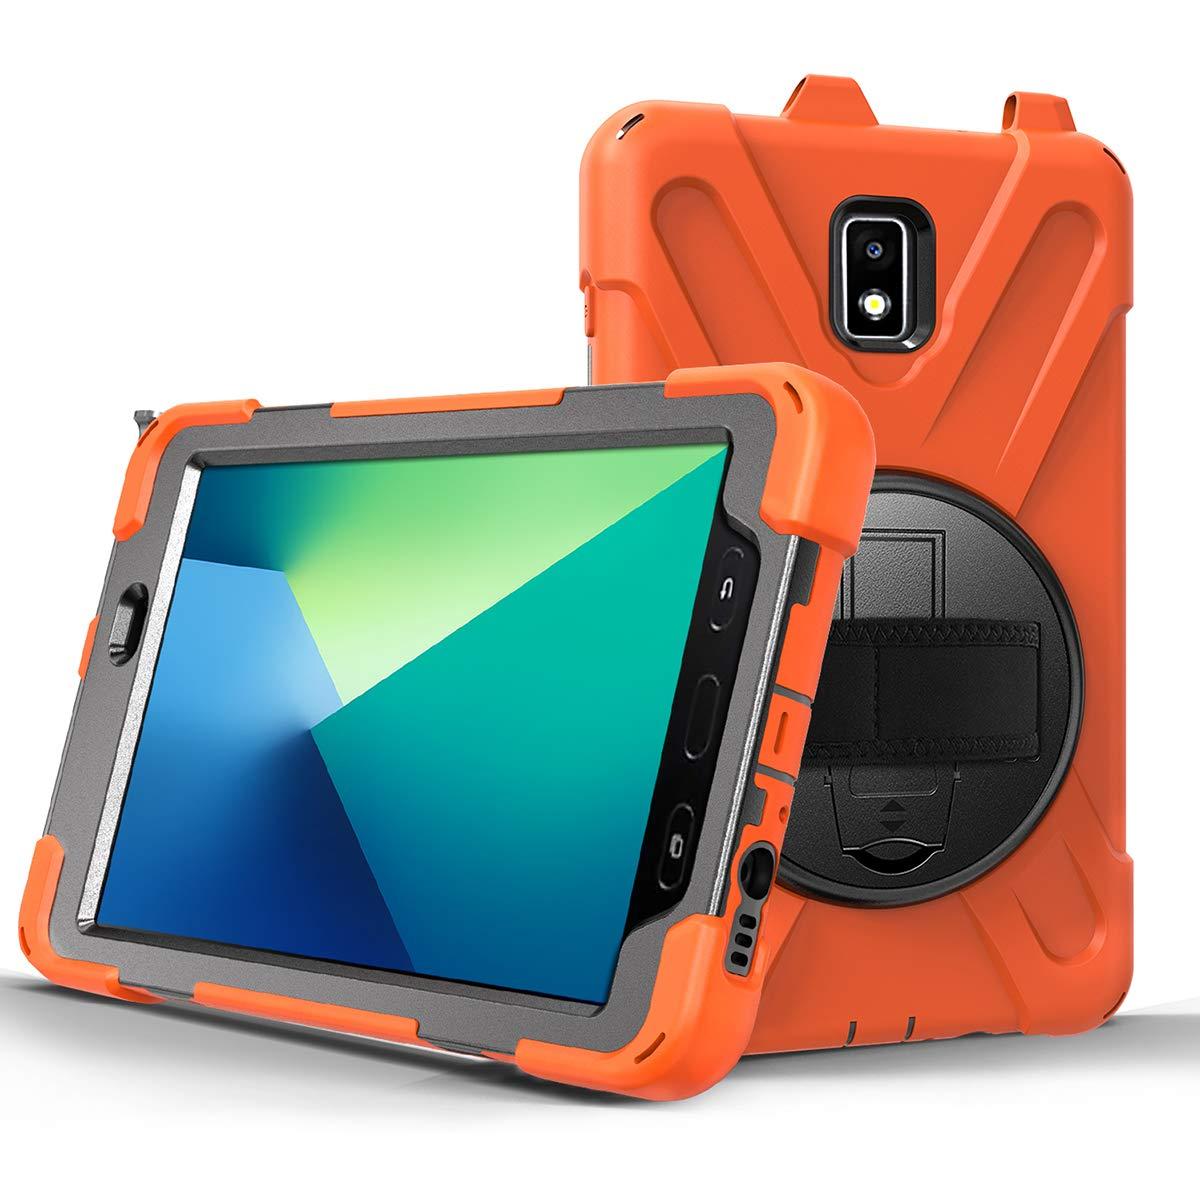 【超特価】 Galaxy Active Tab Active 2 2 8.0インチT390/T395/T397タブレット2019用ケース、内蔵スクリーンプロテクター、耐衝撃360度回転キックスタンド B07Q36DPRM、ハンドストラップ、ショルダーストラップ、鉛筆ホルダー COME2LOOK CAS-CBH-SS-T390-01 オレンジ B07Q36DPRM, コクラキタク:fbe3a69e --- a0267596.xsph.ru